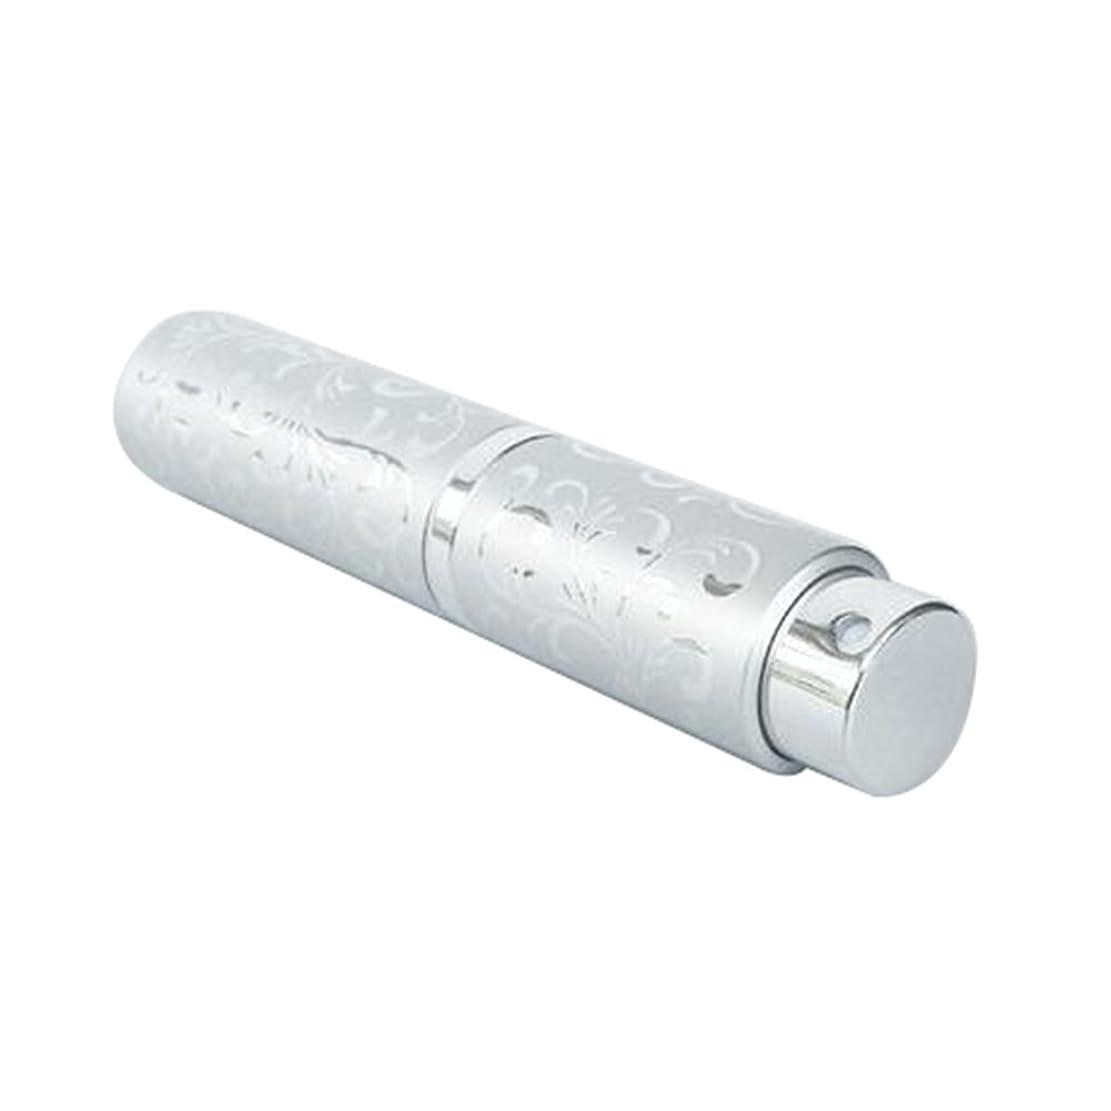 道路謎精巧なLing 香水ボトル 香水瓶 化粧水 アトマイザー 詰め替え容器 携帯用 軽量 便利 (シルバー)